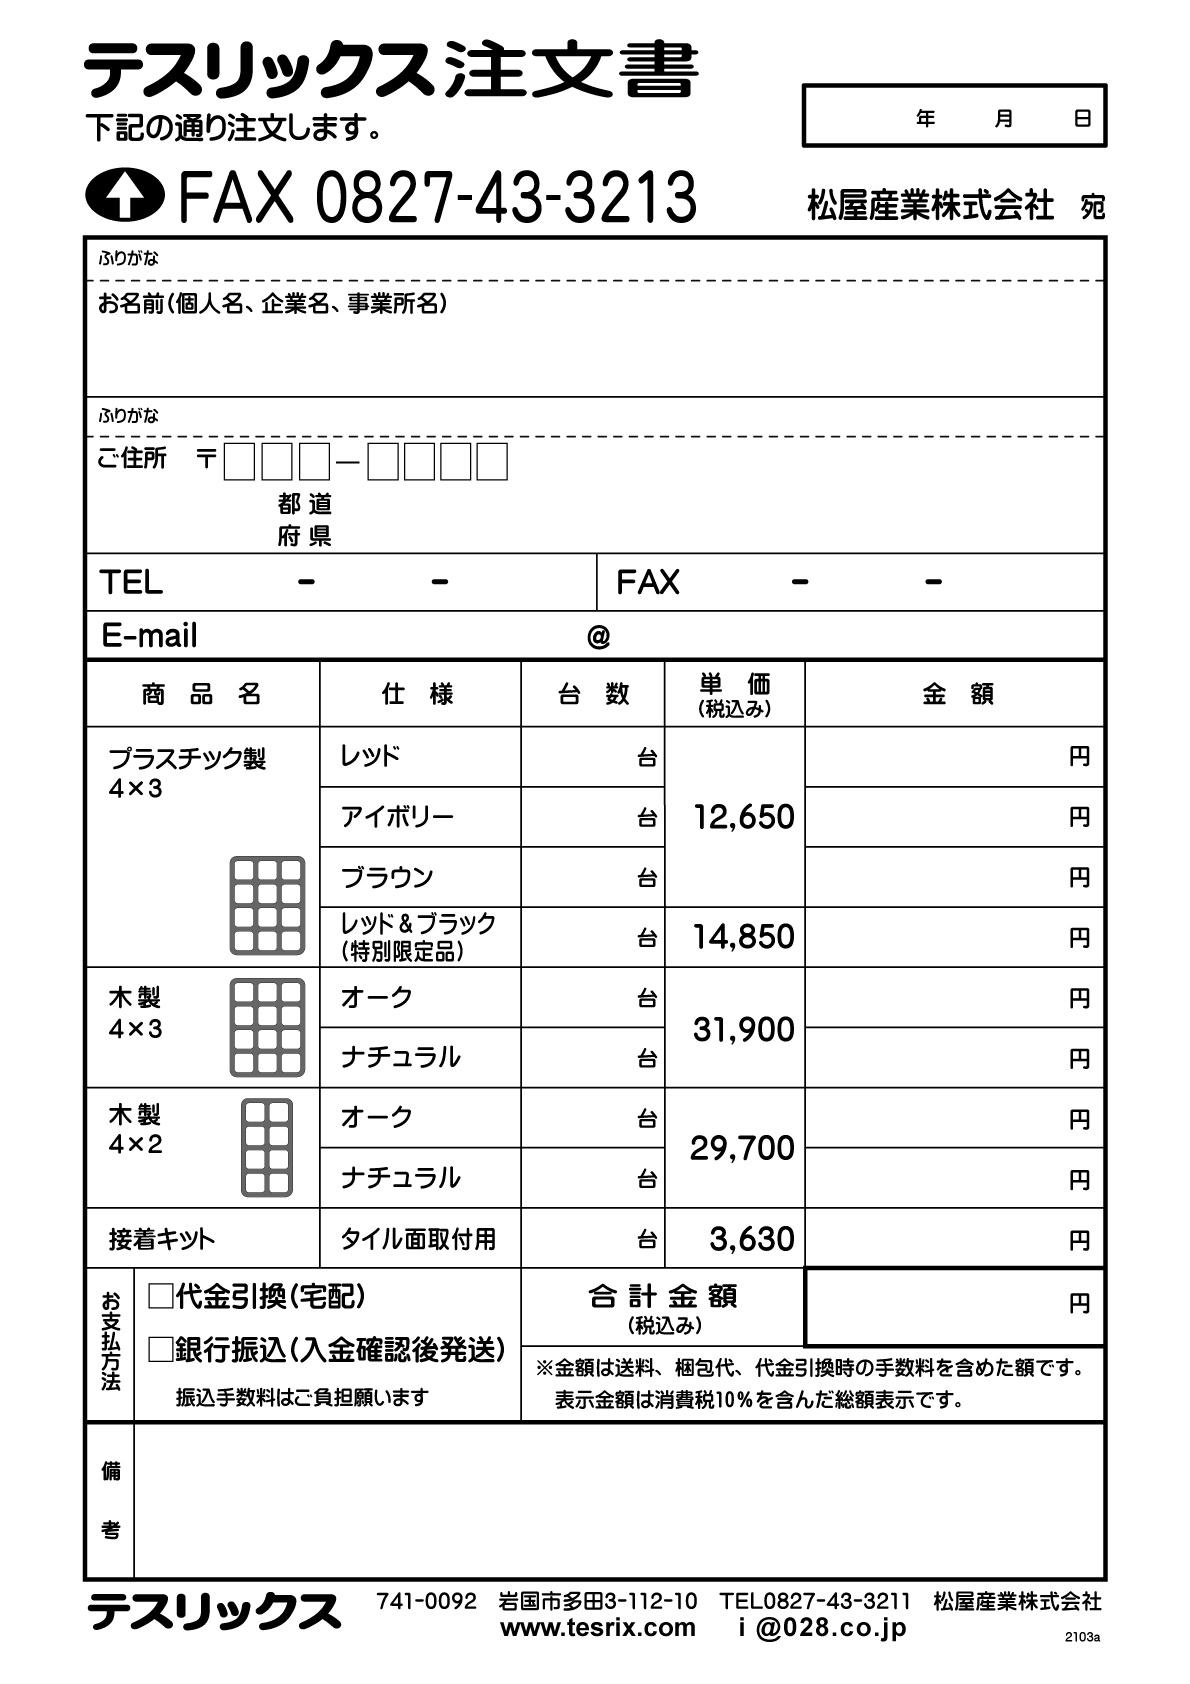 テスリックス注文書(FAX用)